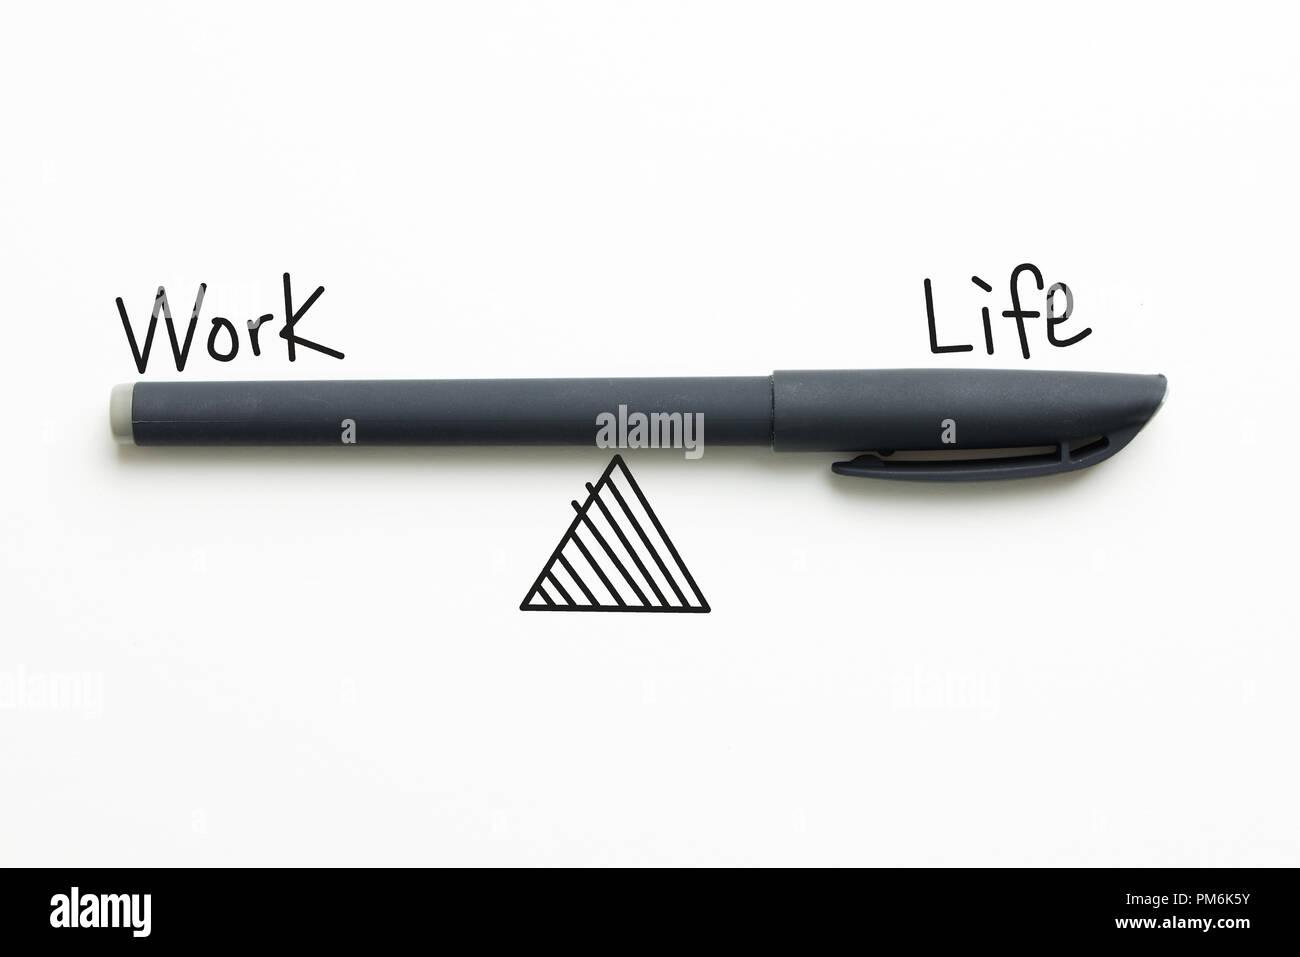 Work life balance text - Stock Image